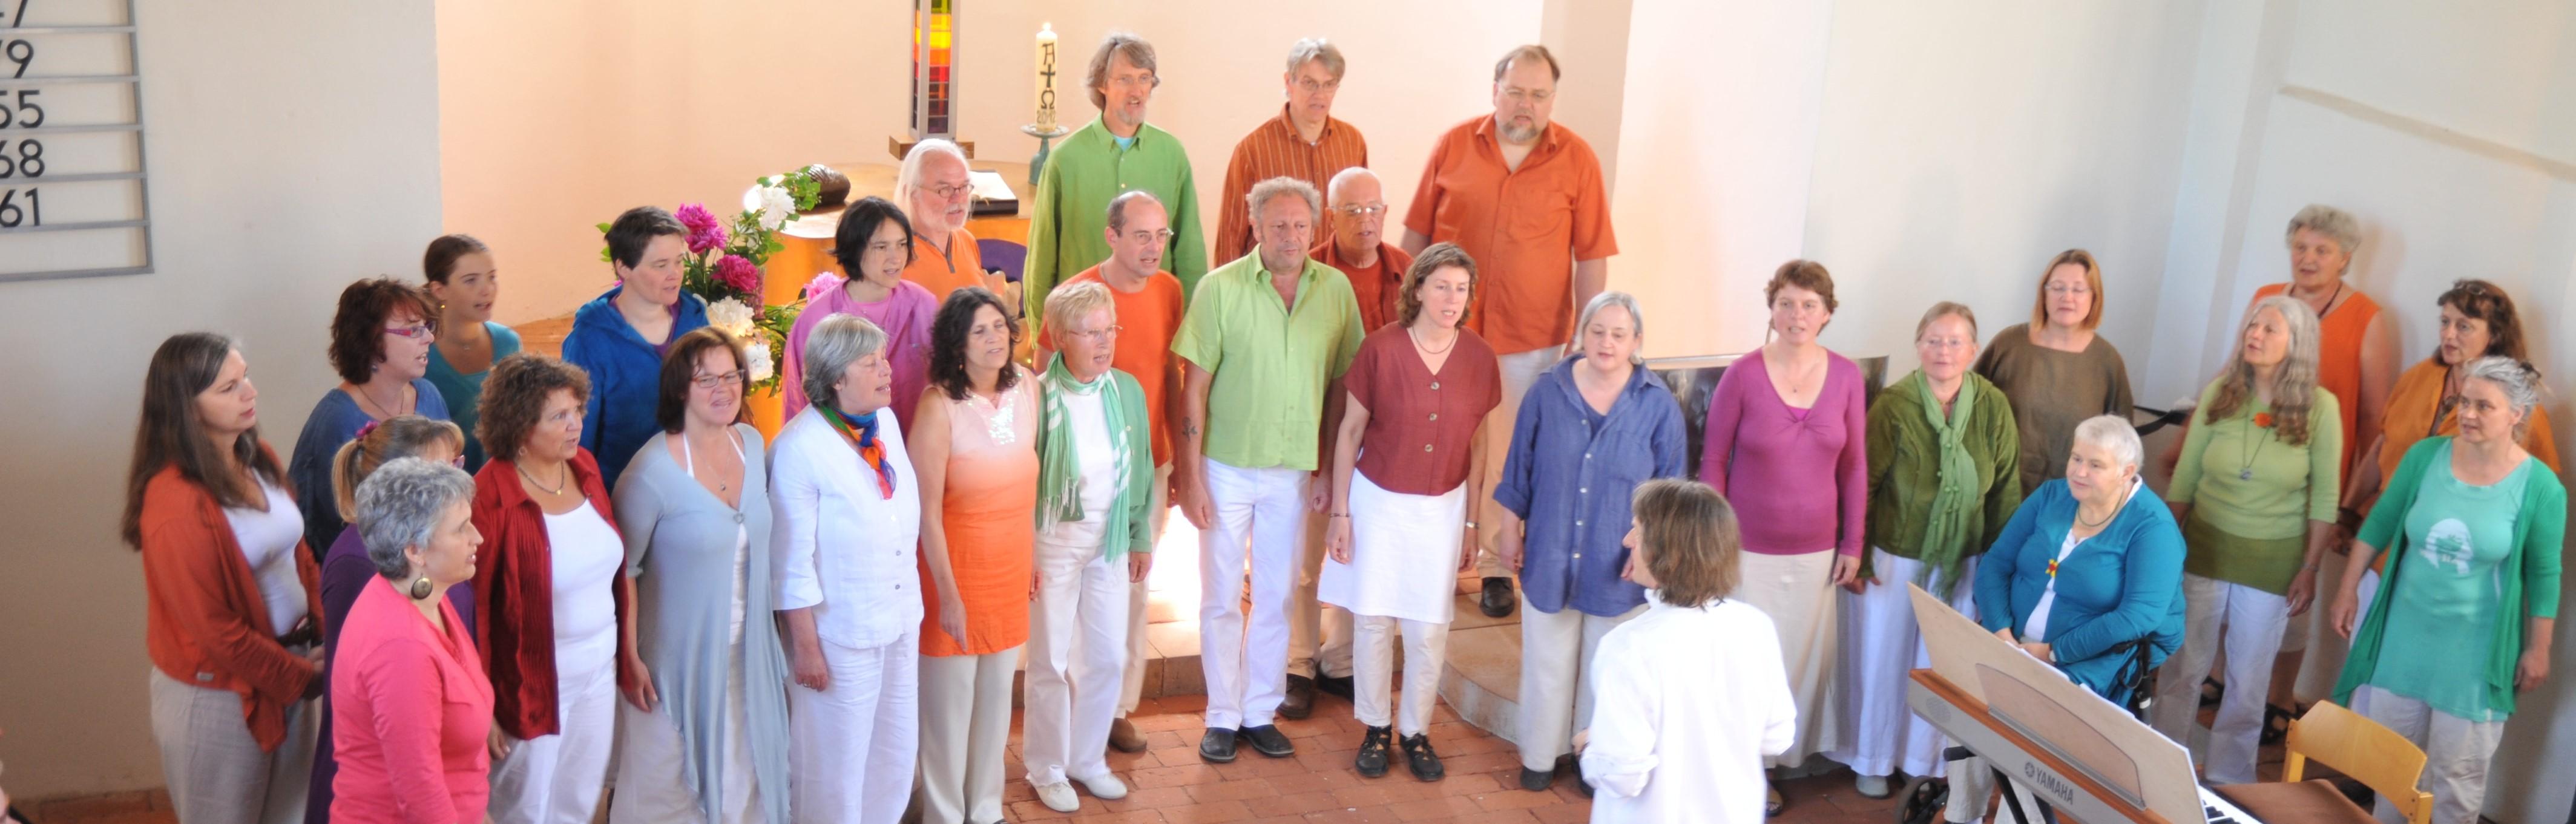 ClangVarben in der Friedenskirche